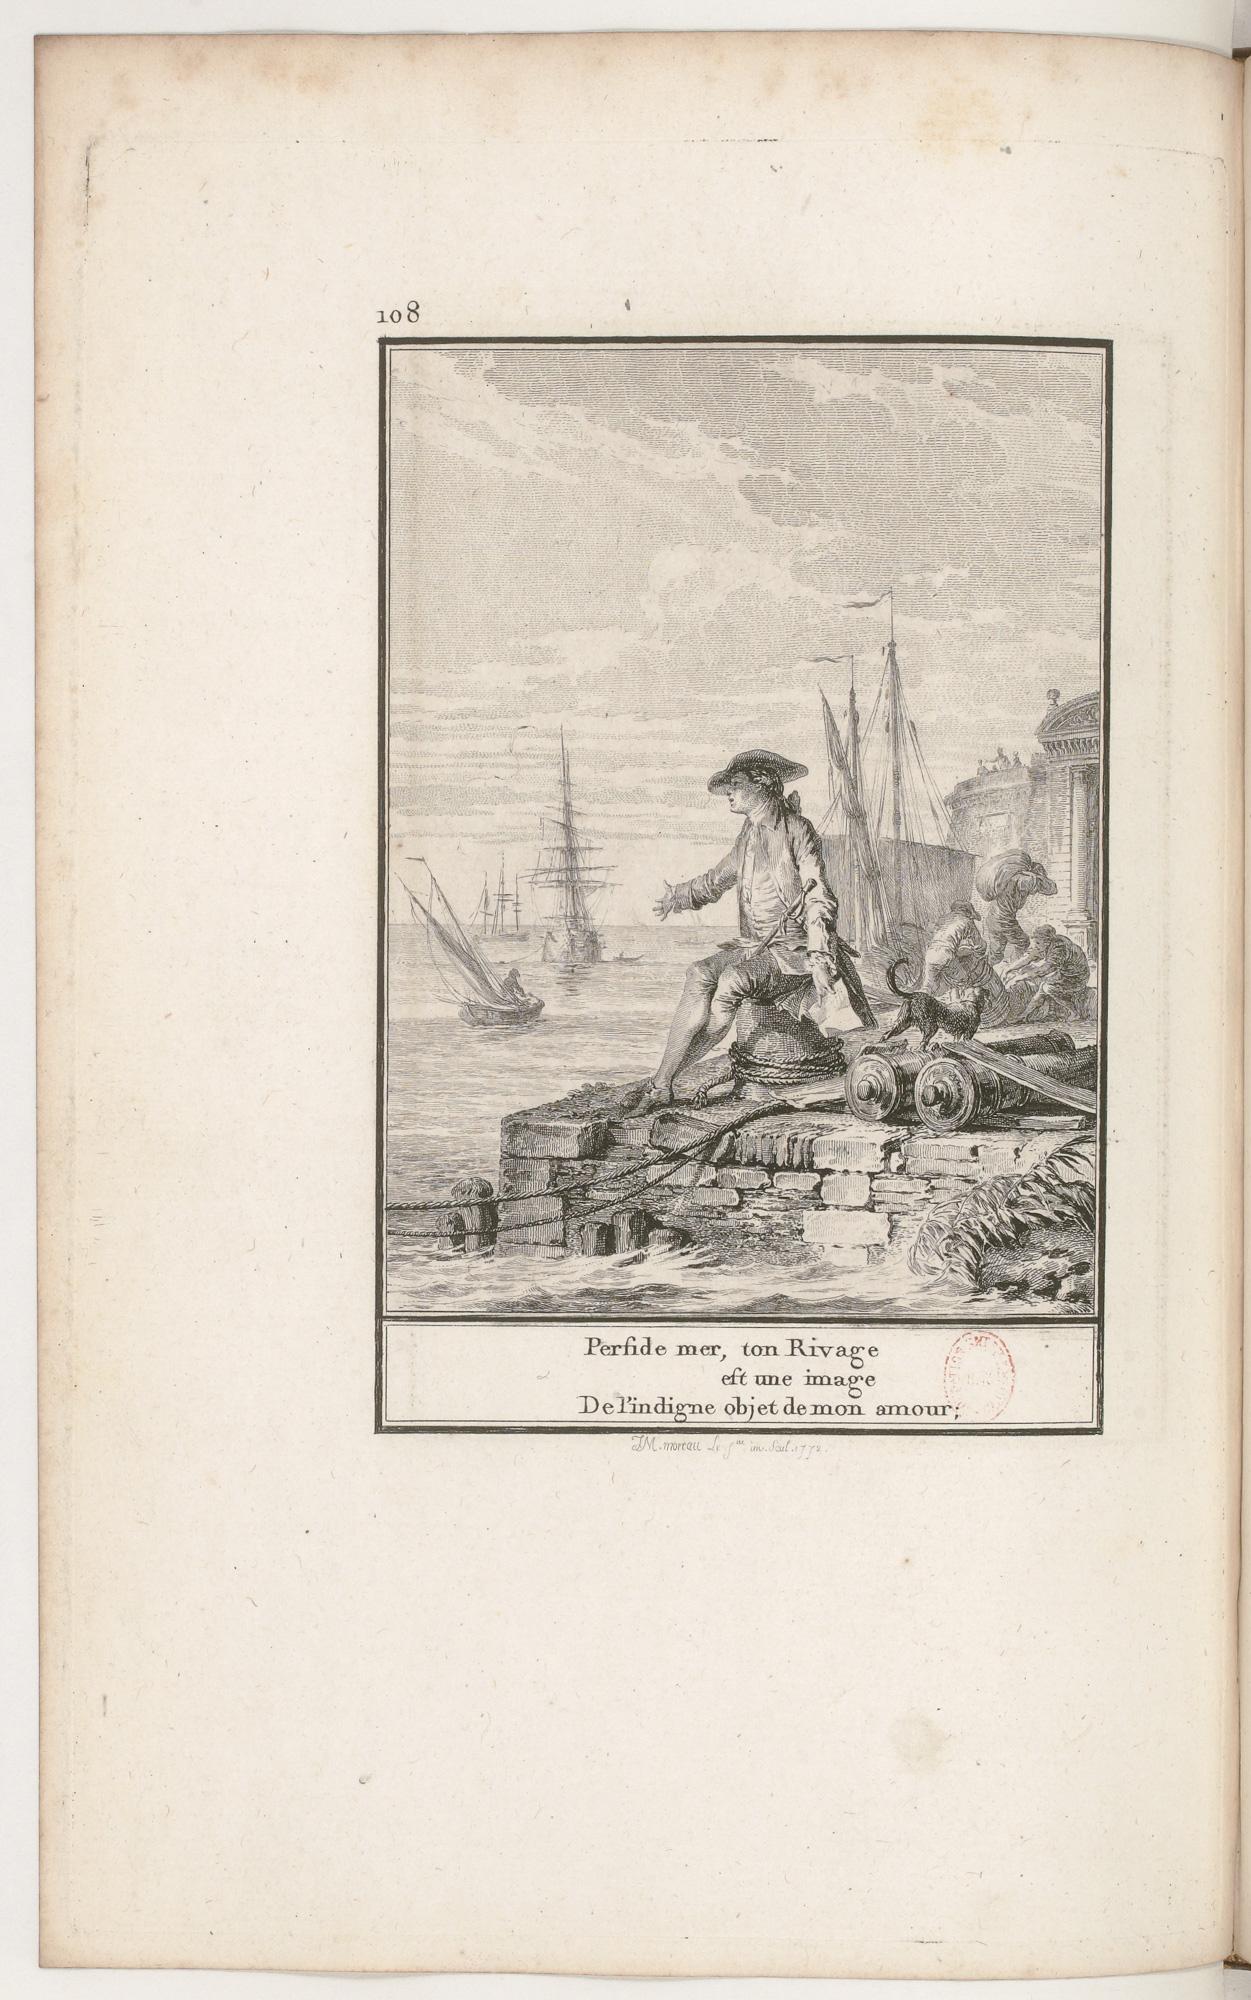 S.1.18 L'amant guéri,1772, Image